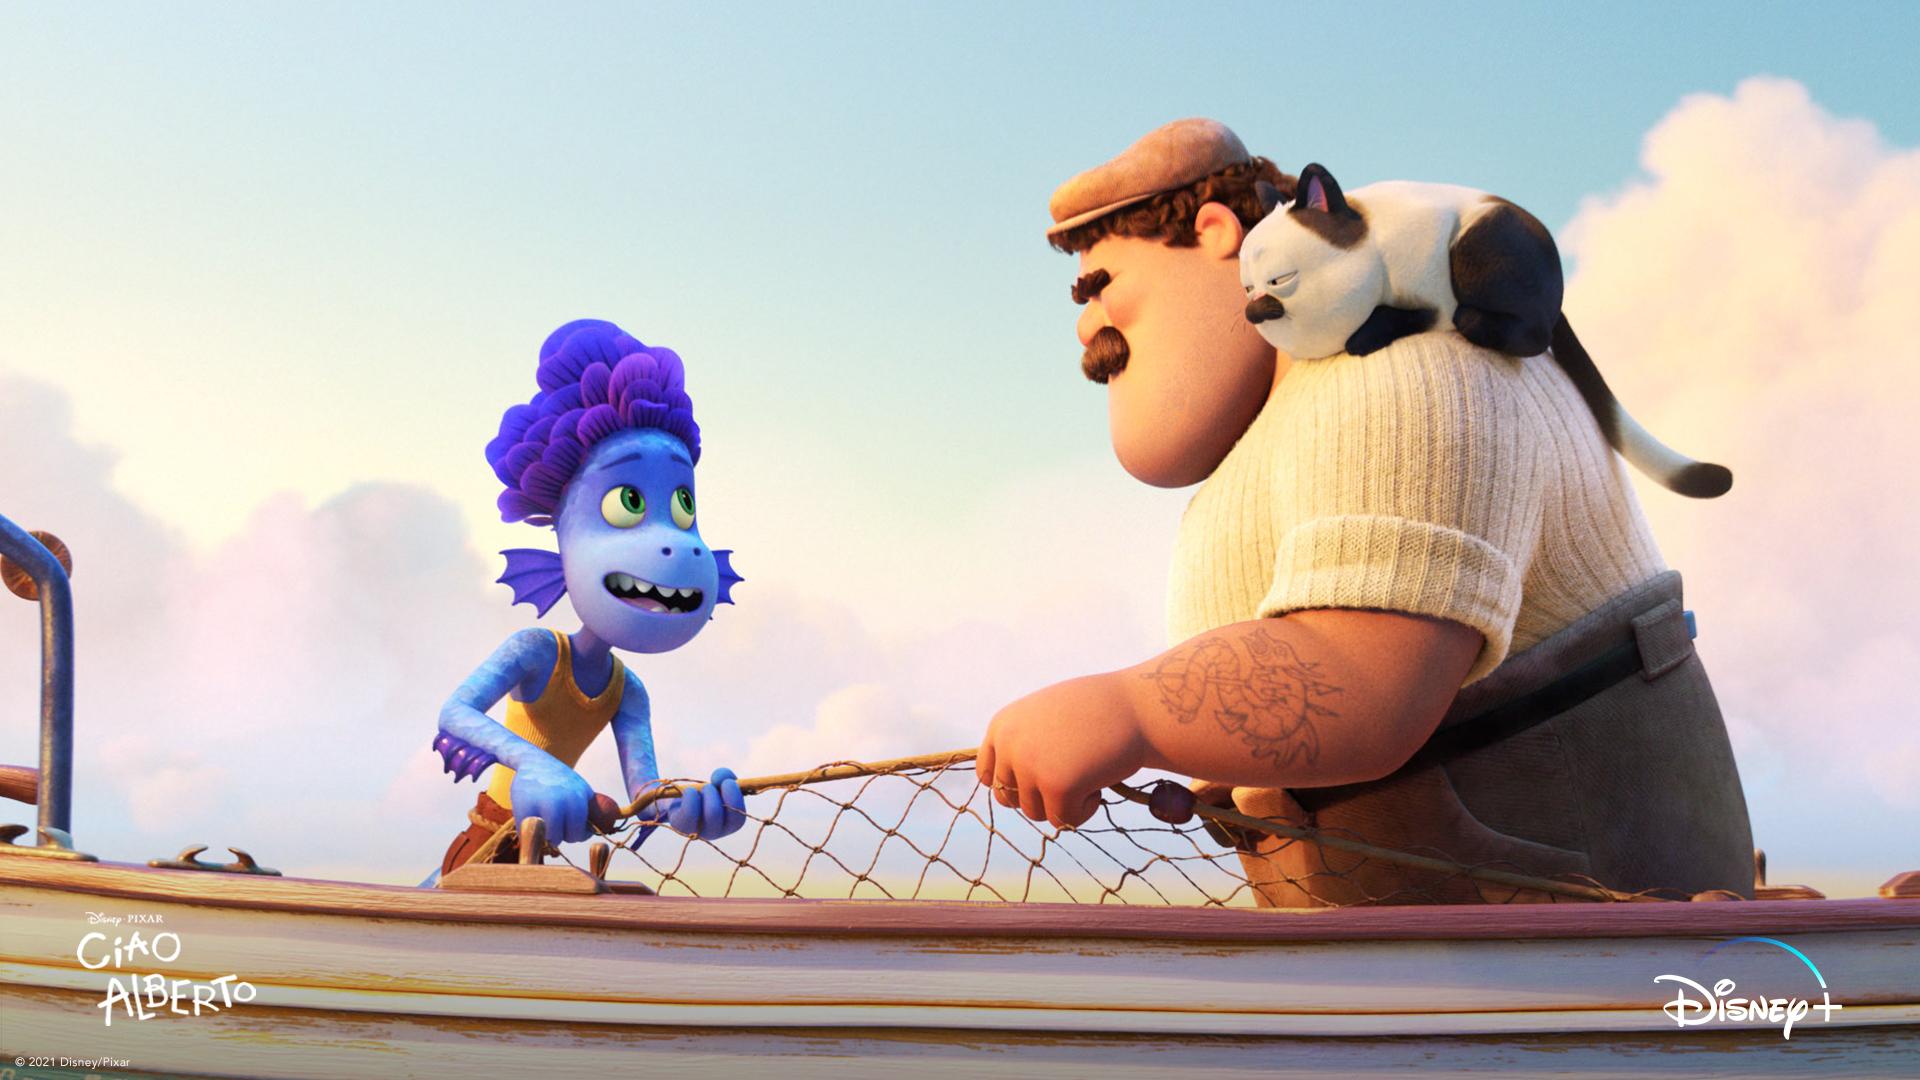 """Pixar divulga a primeira imagem do curta """"Ciao Alberto"""""""